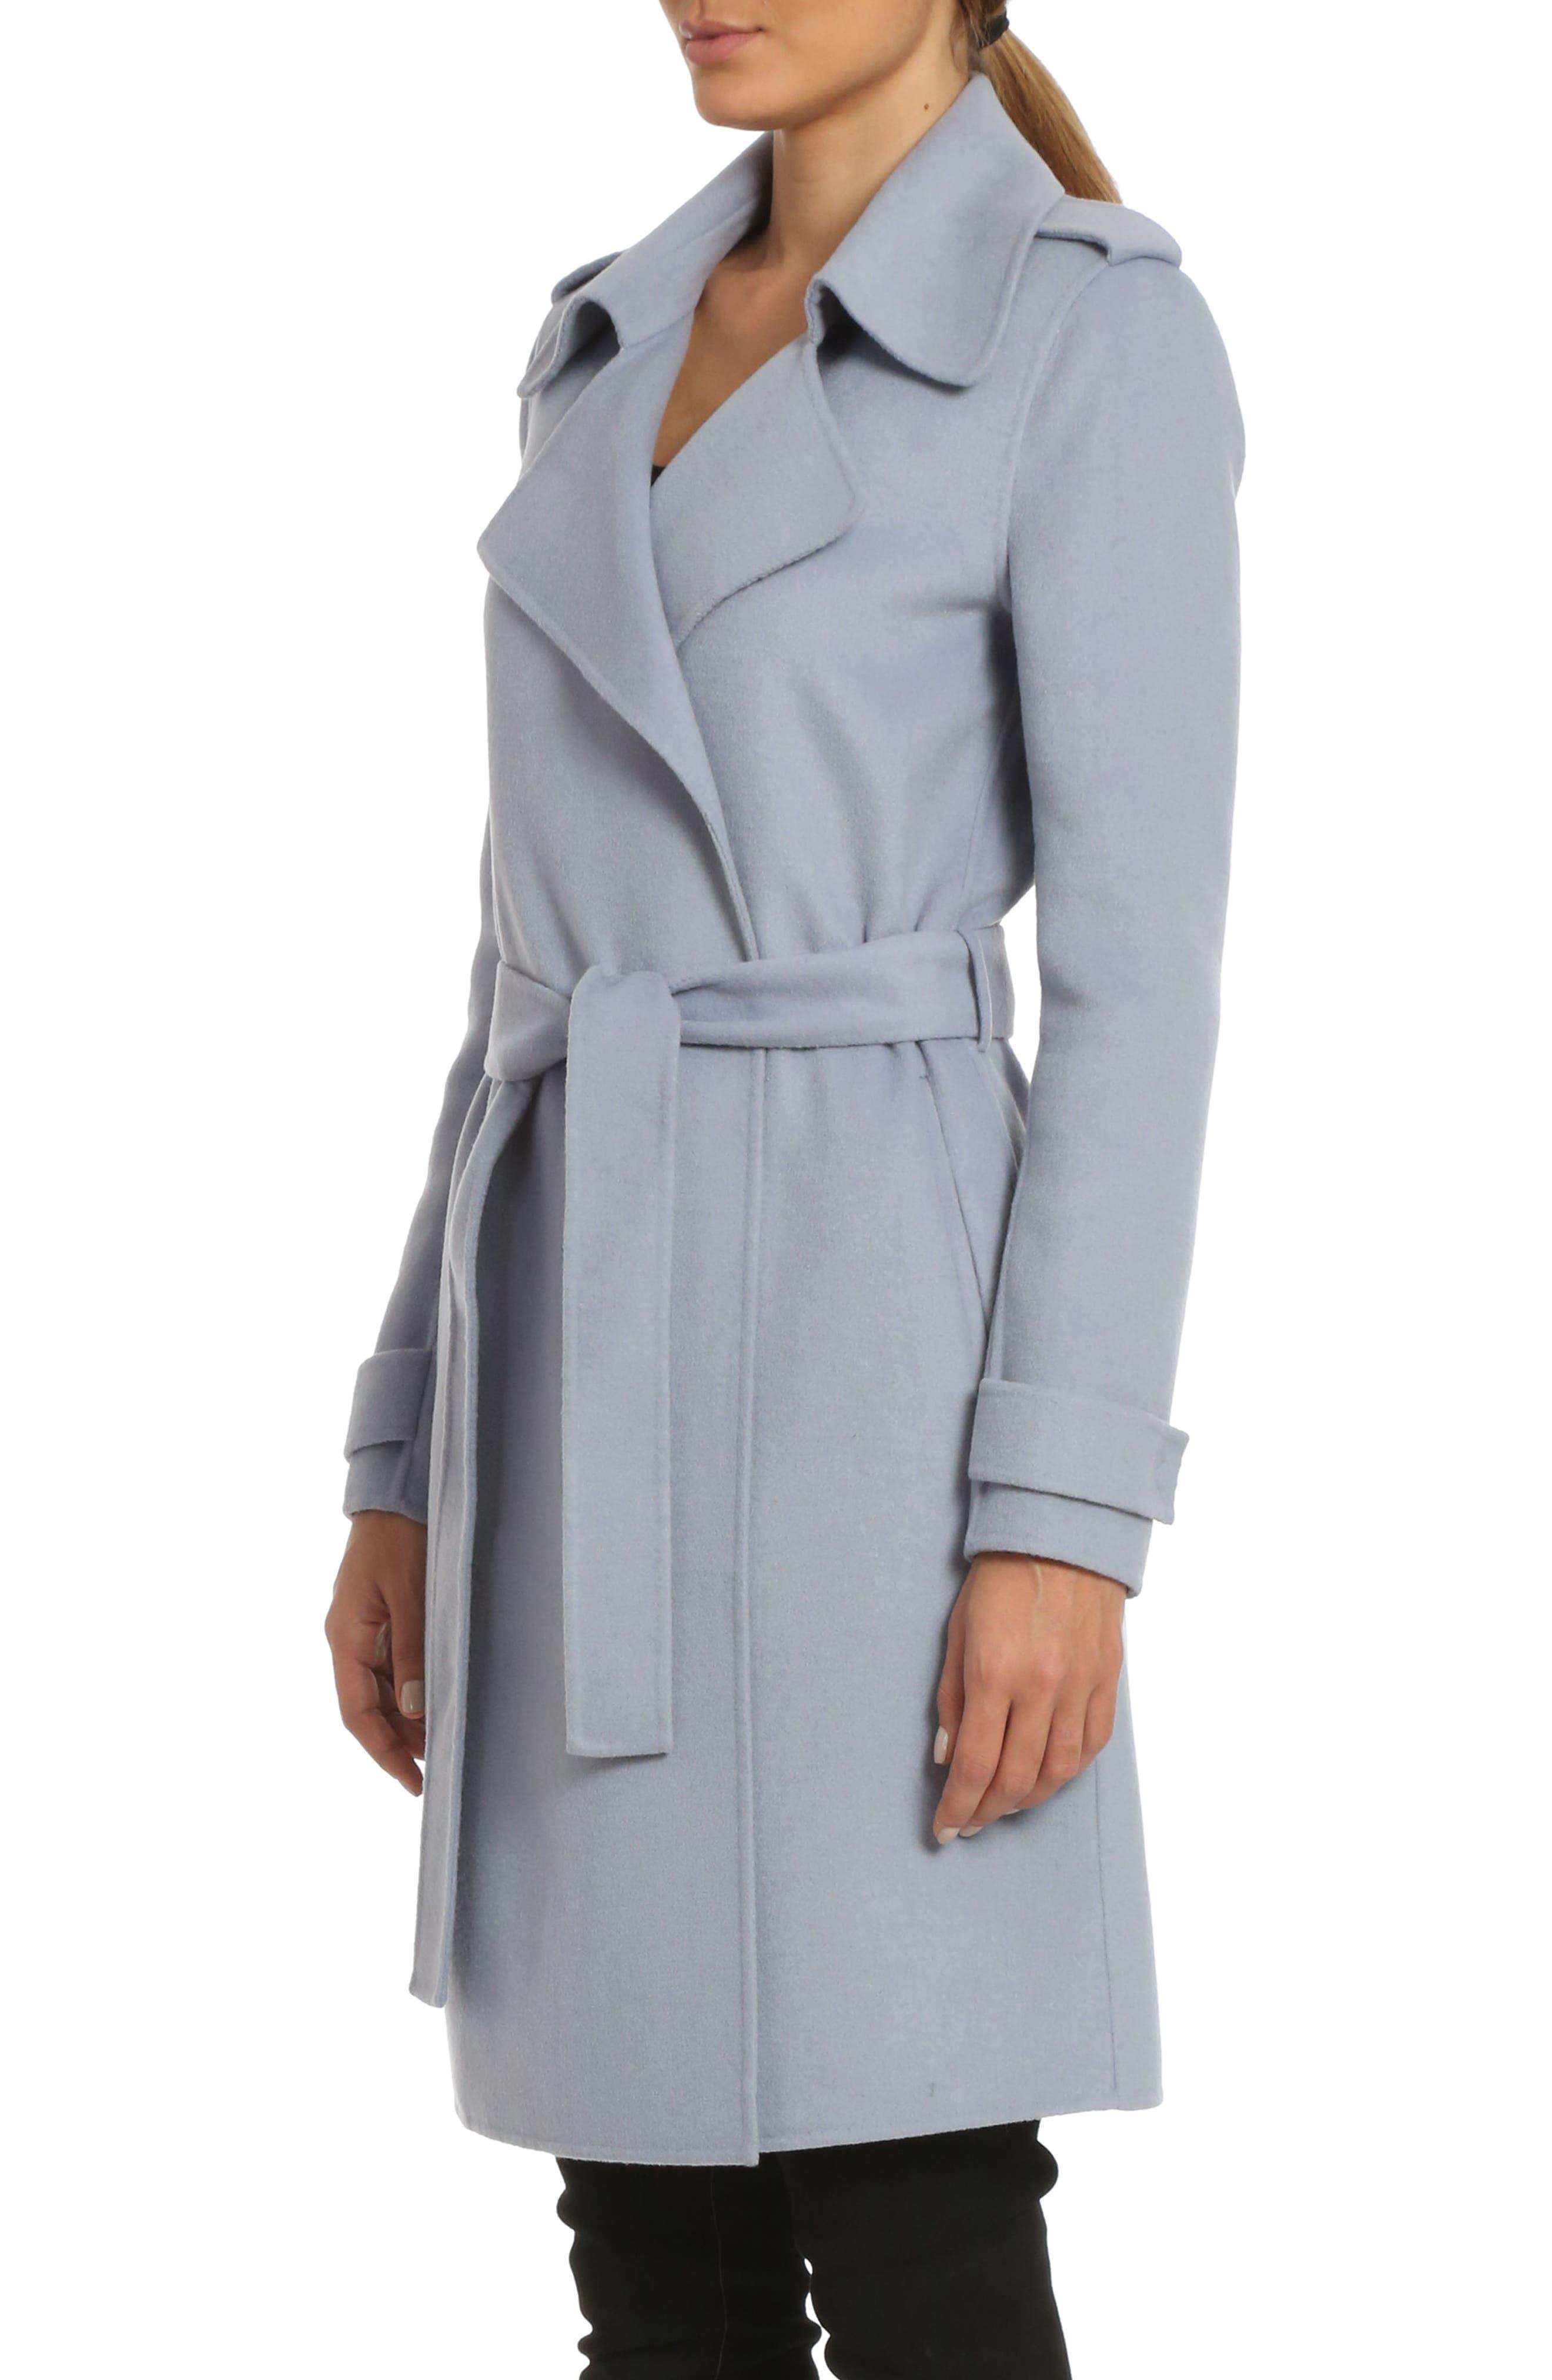 Alexis Double Face Wool Blend Long Wrap Coat,                             Alternate thumbnail 3, color,                             456